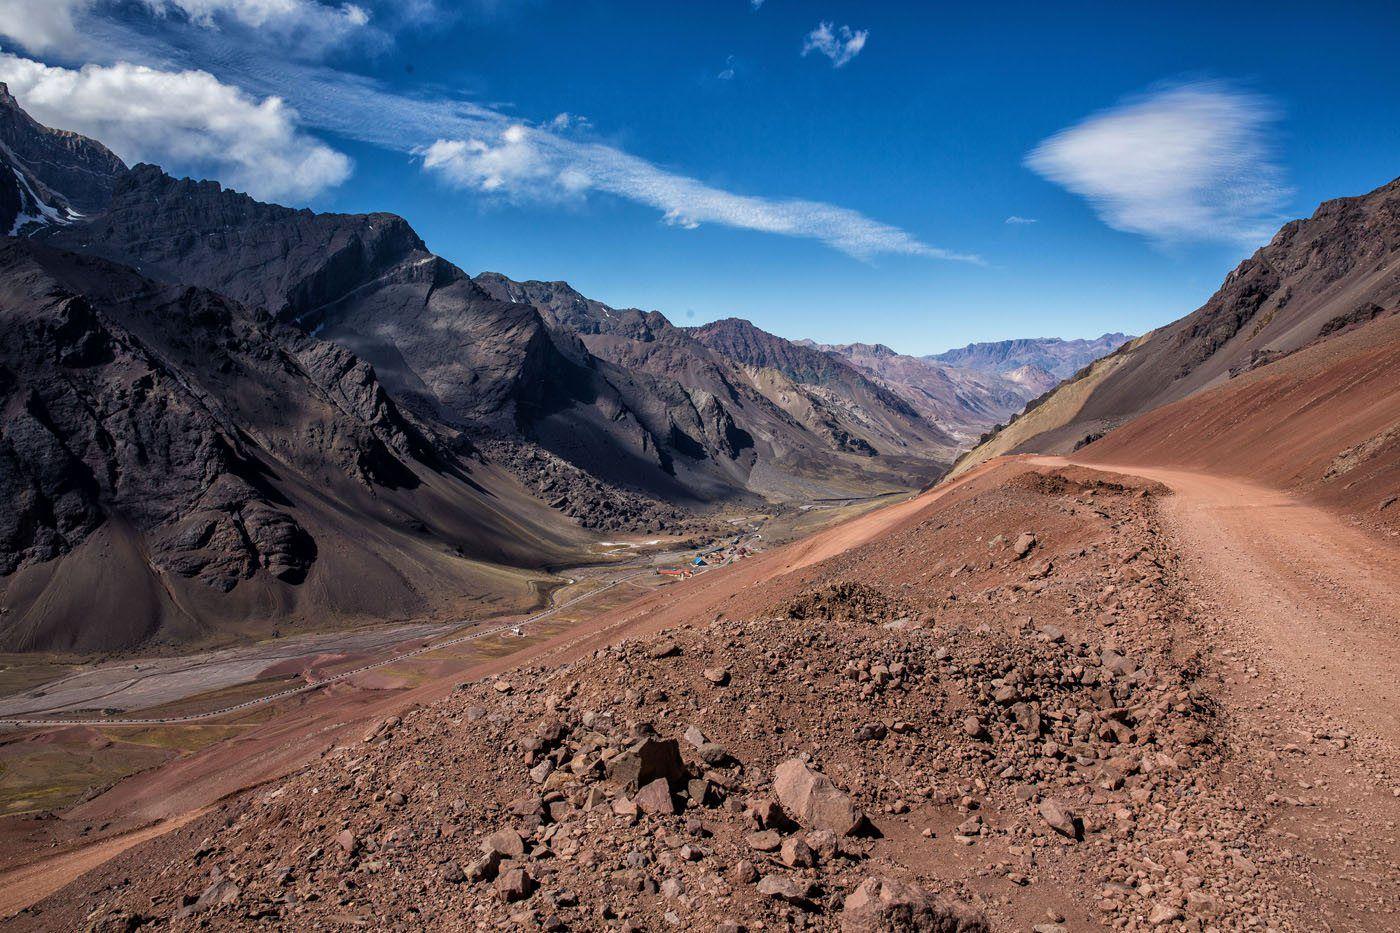 Driving Cristo Redentor de los Andes Dirt Road